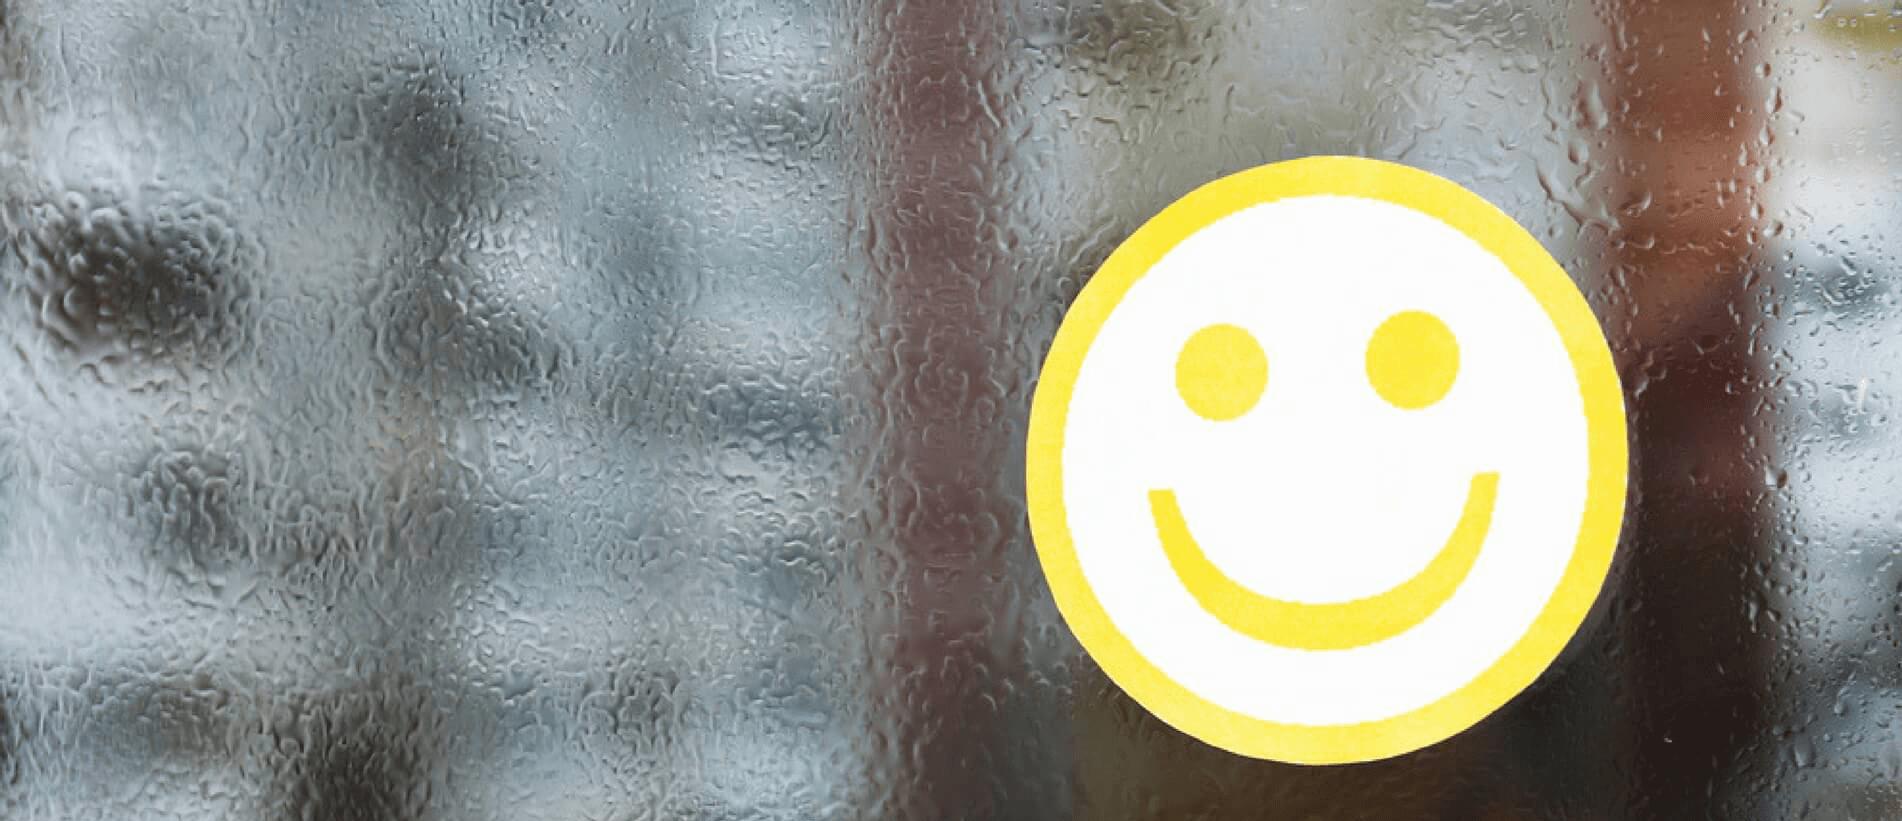 Adesivo Per Vetrai come rimuovere gli adesivi dai vetri e da ogni superficie